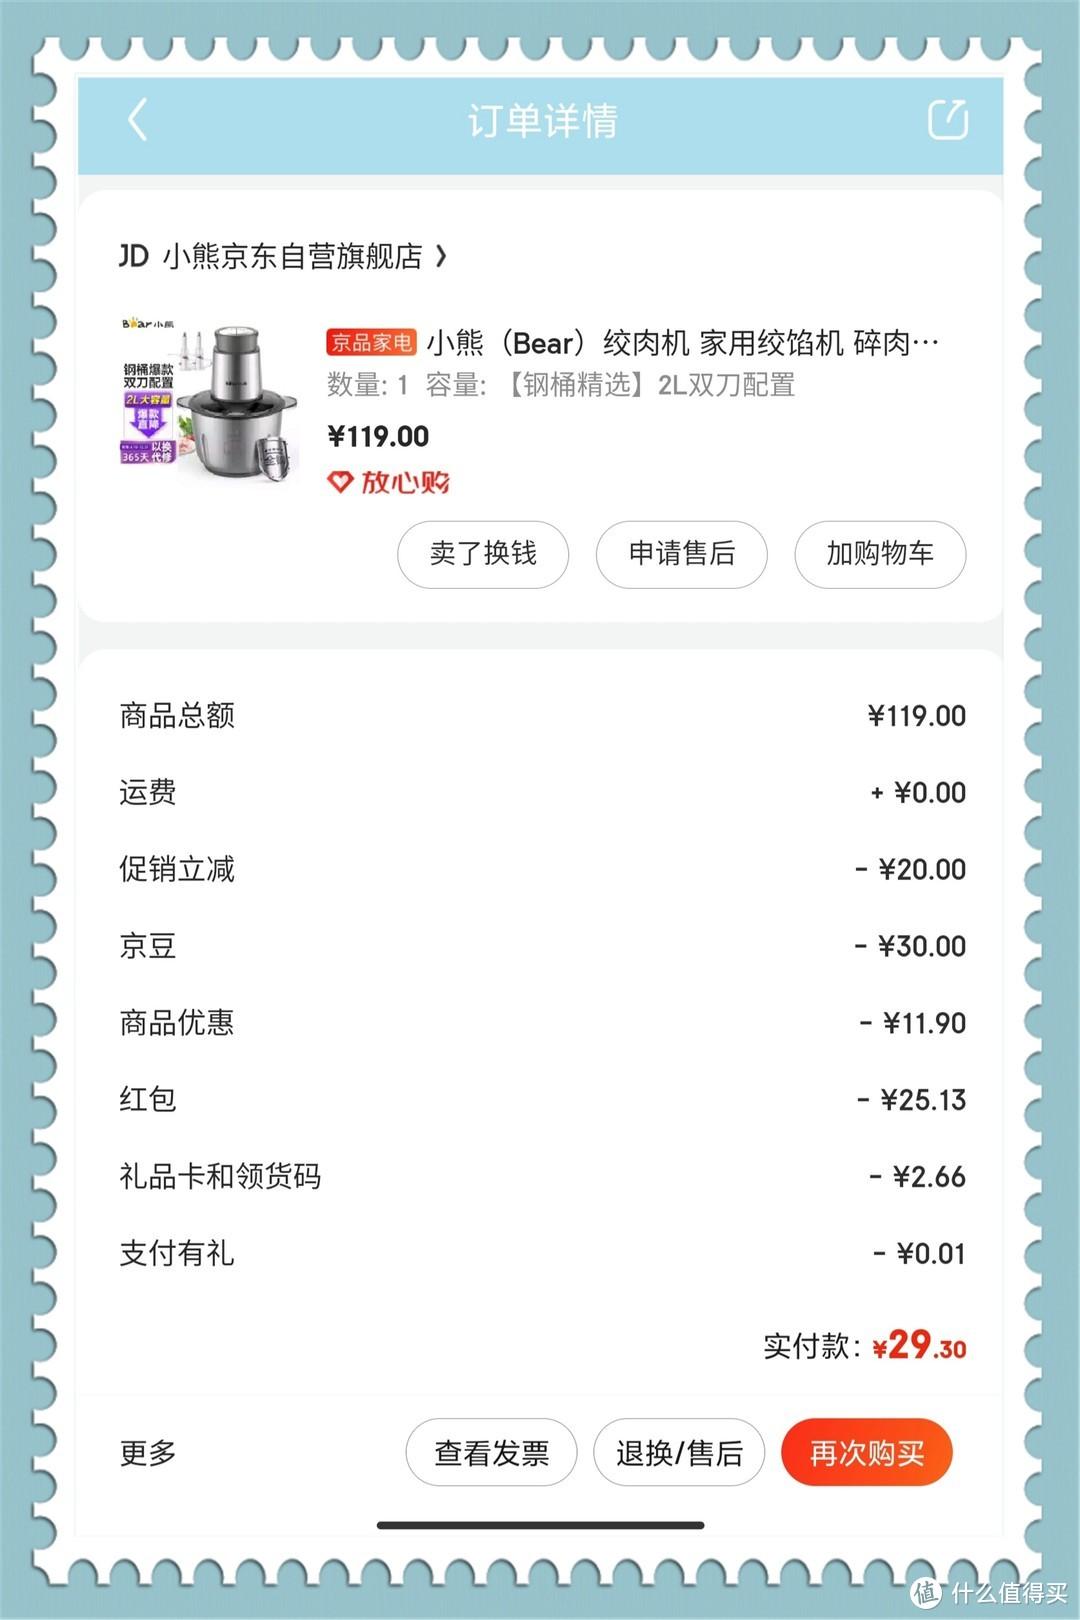 ▲▲ 618京东价89元,可查的历史低价是79。